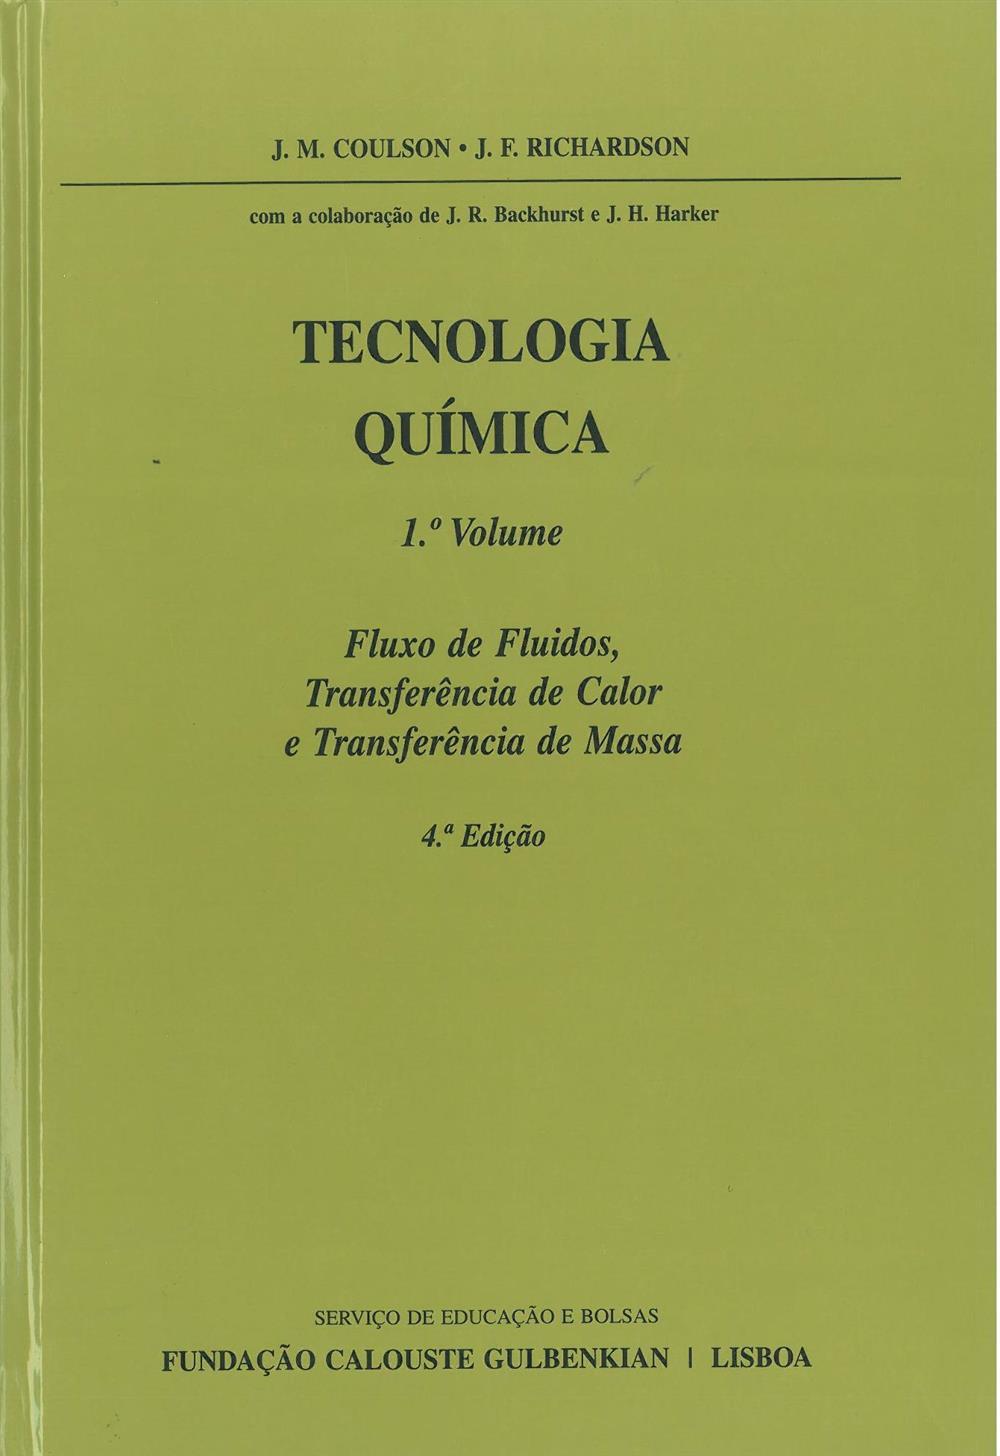 COULSON, John (2004). Tecnologia química.jpg